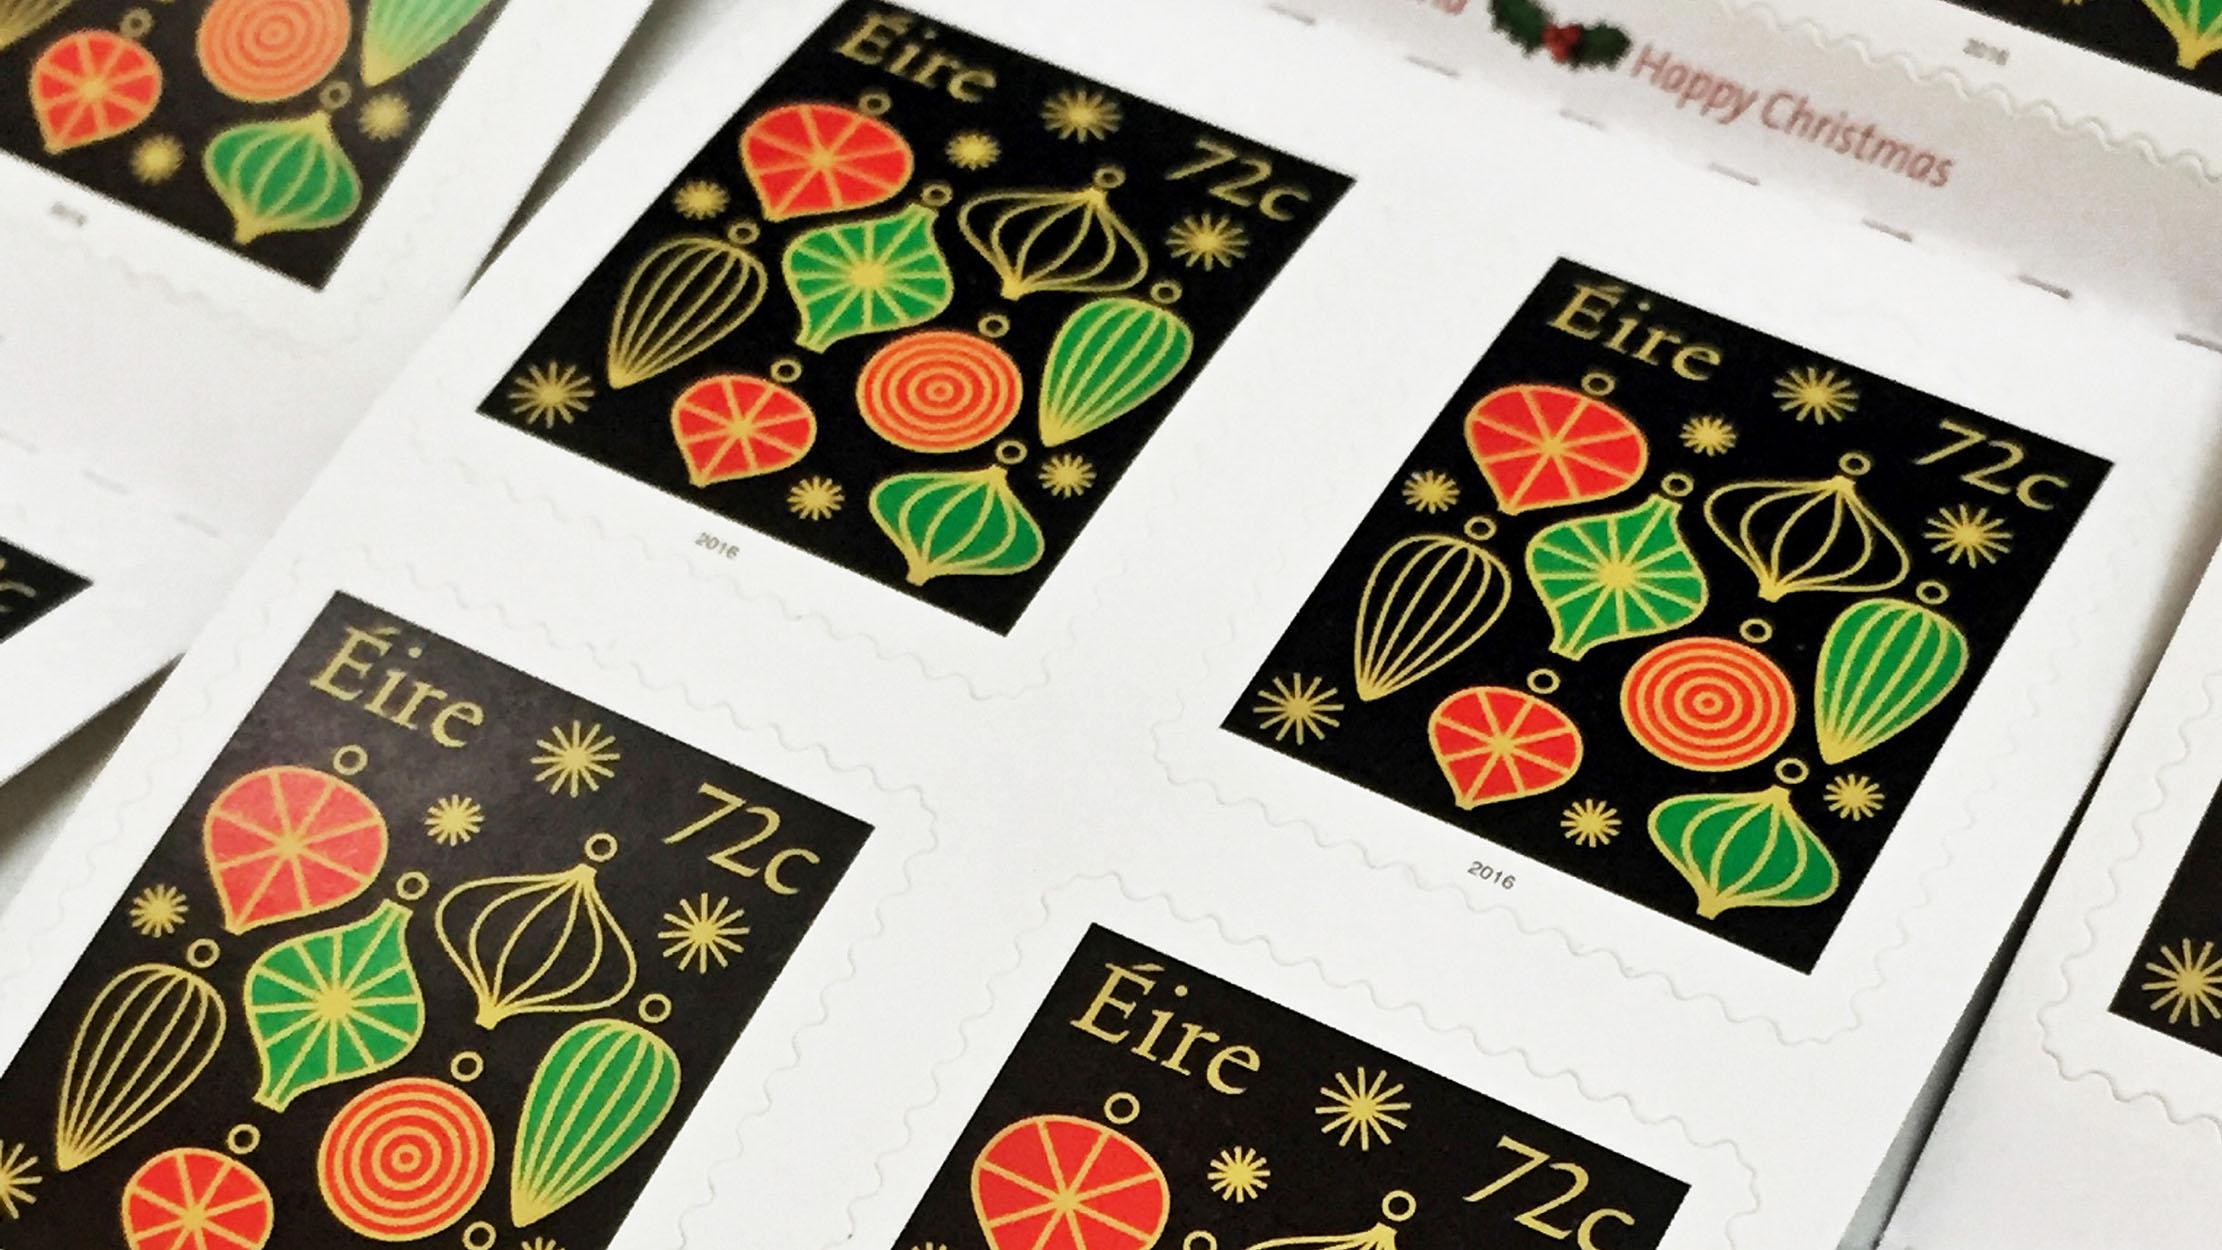 Christmas Stamps 2016 -1